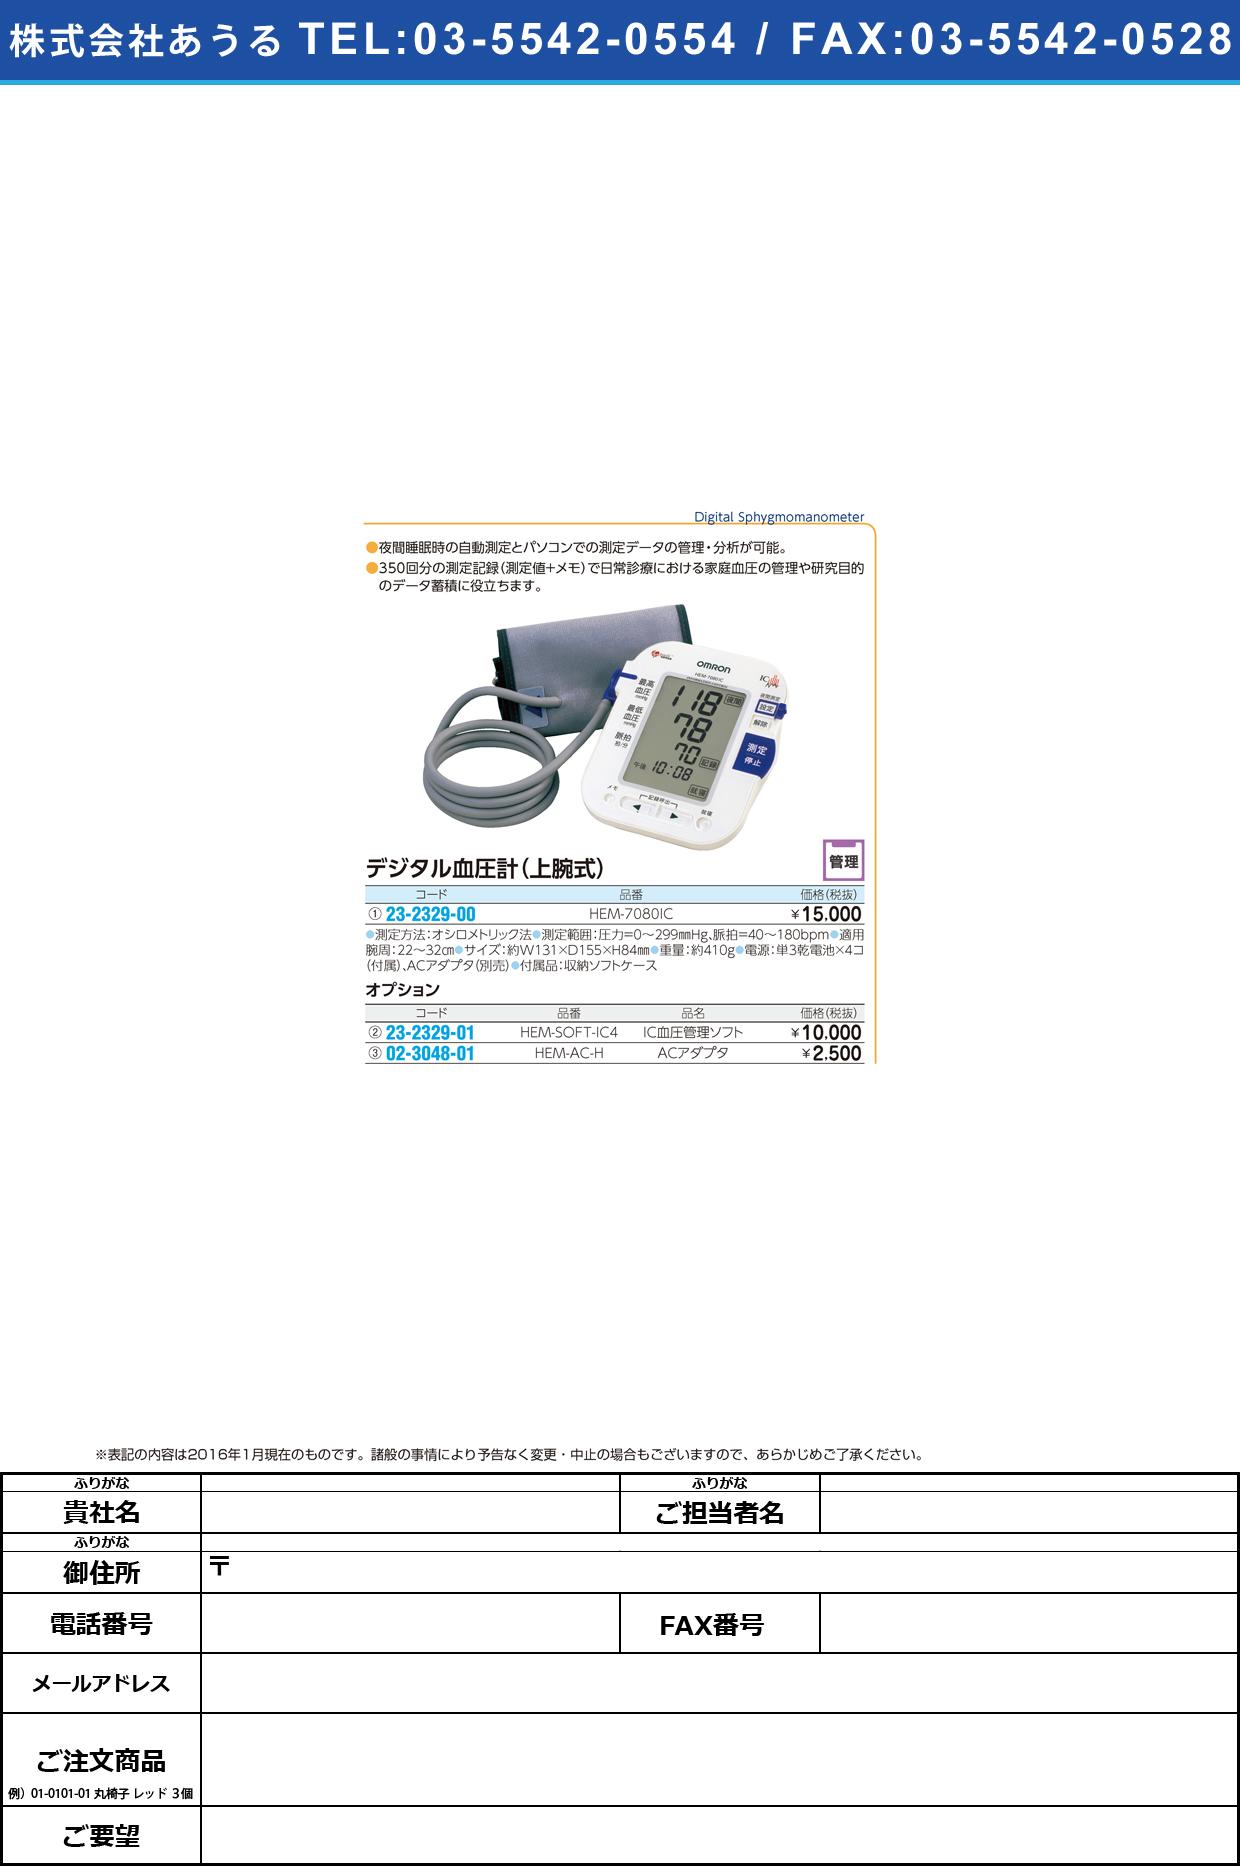 血圧計用ACアダプタ(H)   ケツアツケイヨウACアダプタ(H) HEM-AC-H【1個単位】(02-3048-01)